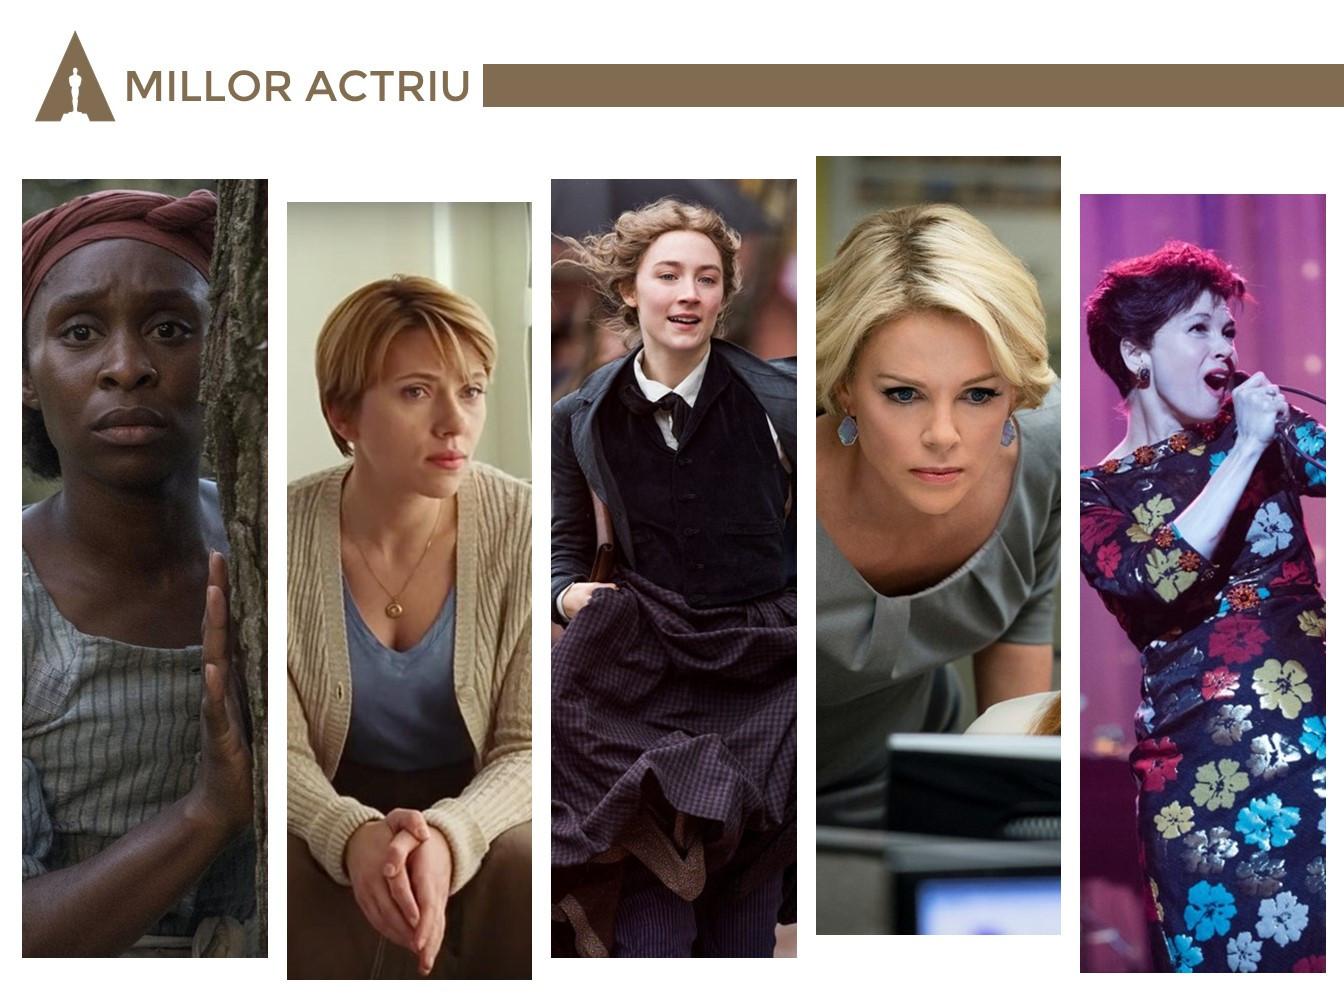 Millor actriu